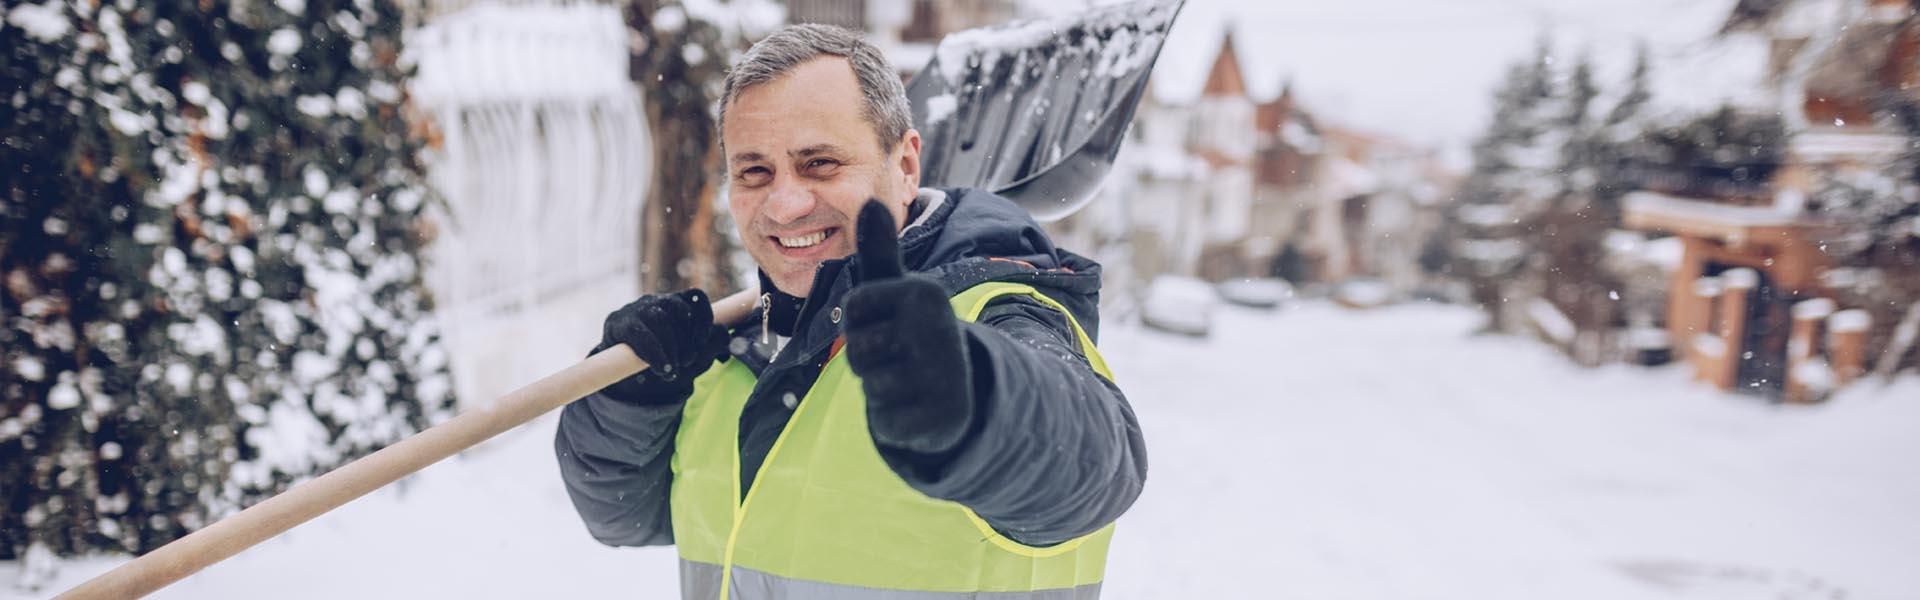 Schreiber-Diesntleistungen-Winterdienst-Header-4